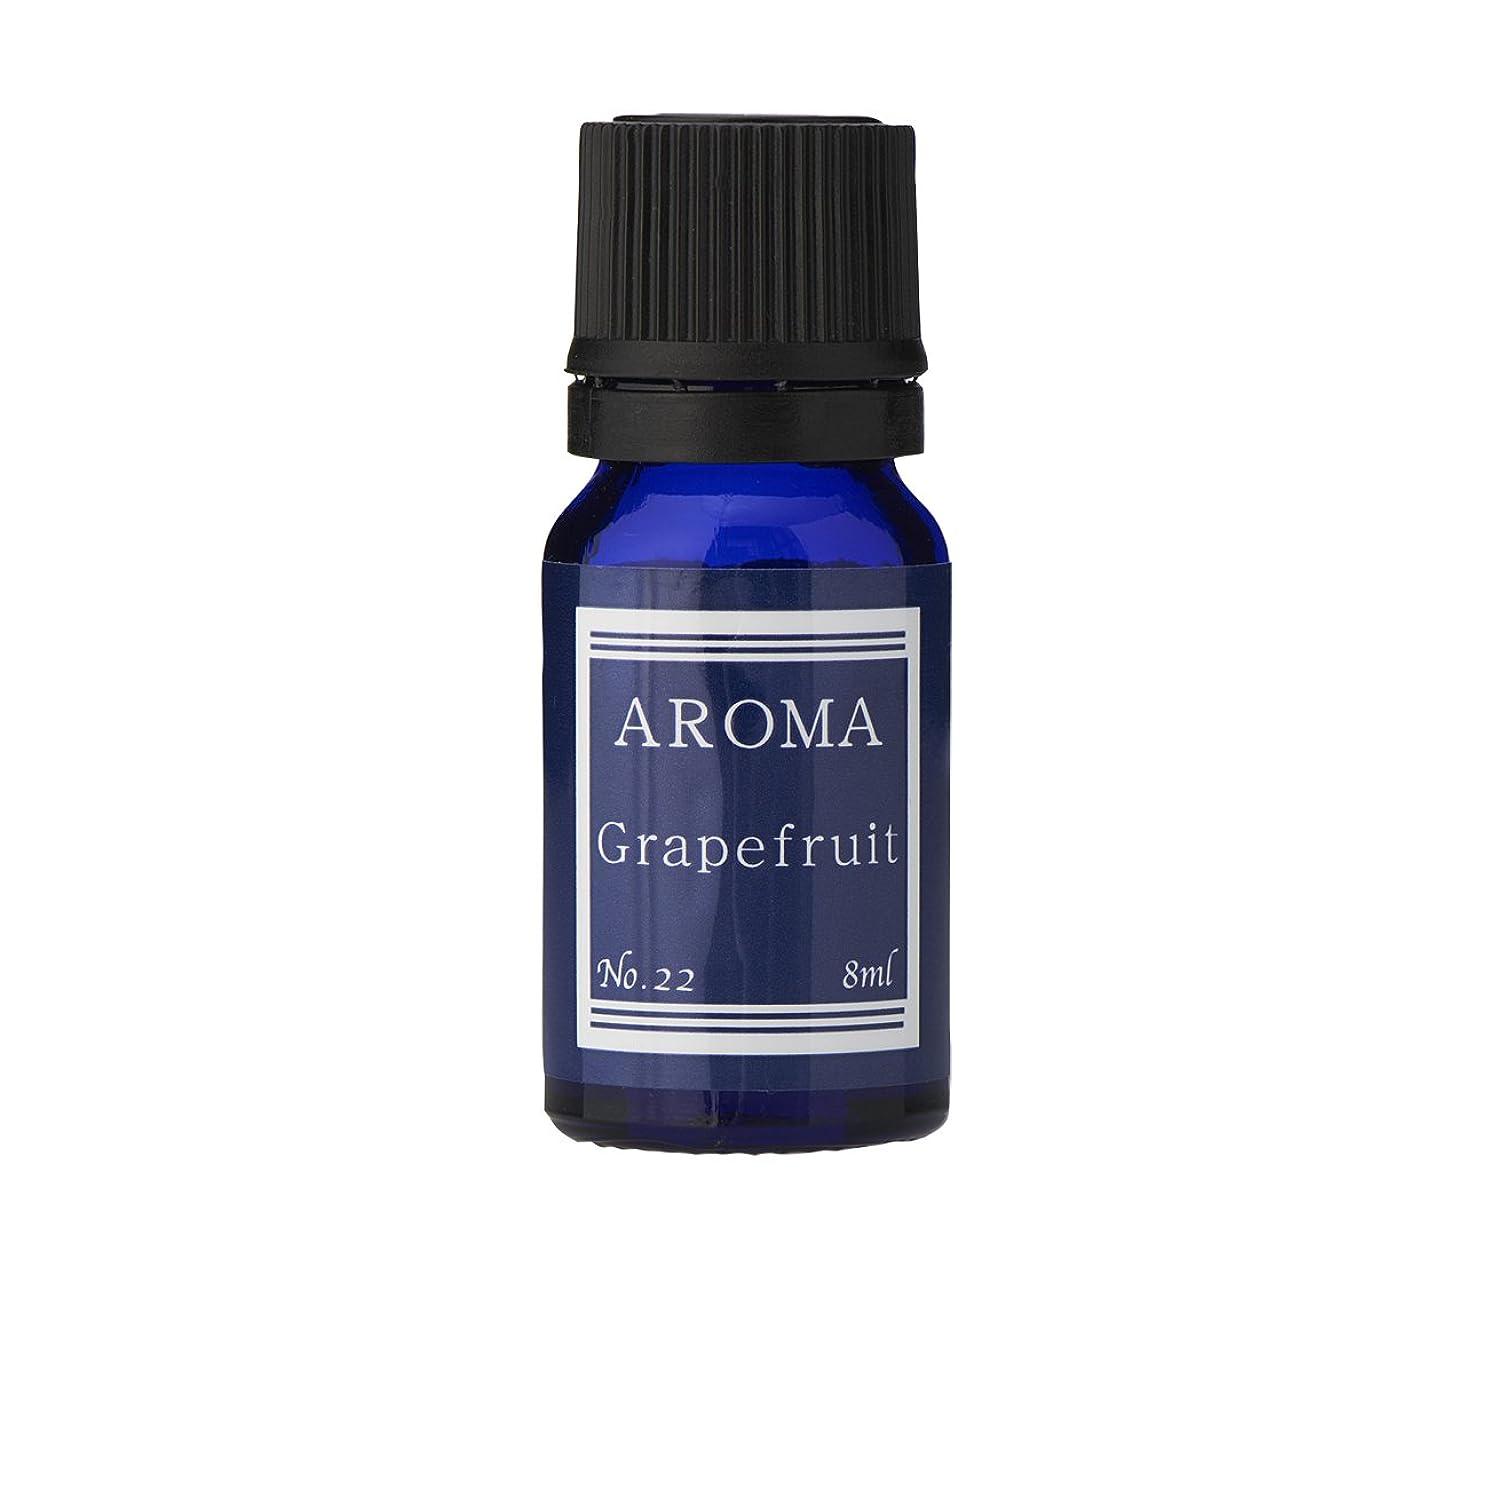 シリング寝てる受益者ブルーラベル アロマエッセンス8ml グレープフルーツ(アロマオイル 調合香料 芳香用)